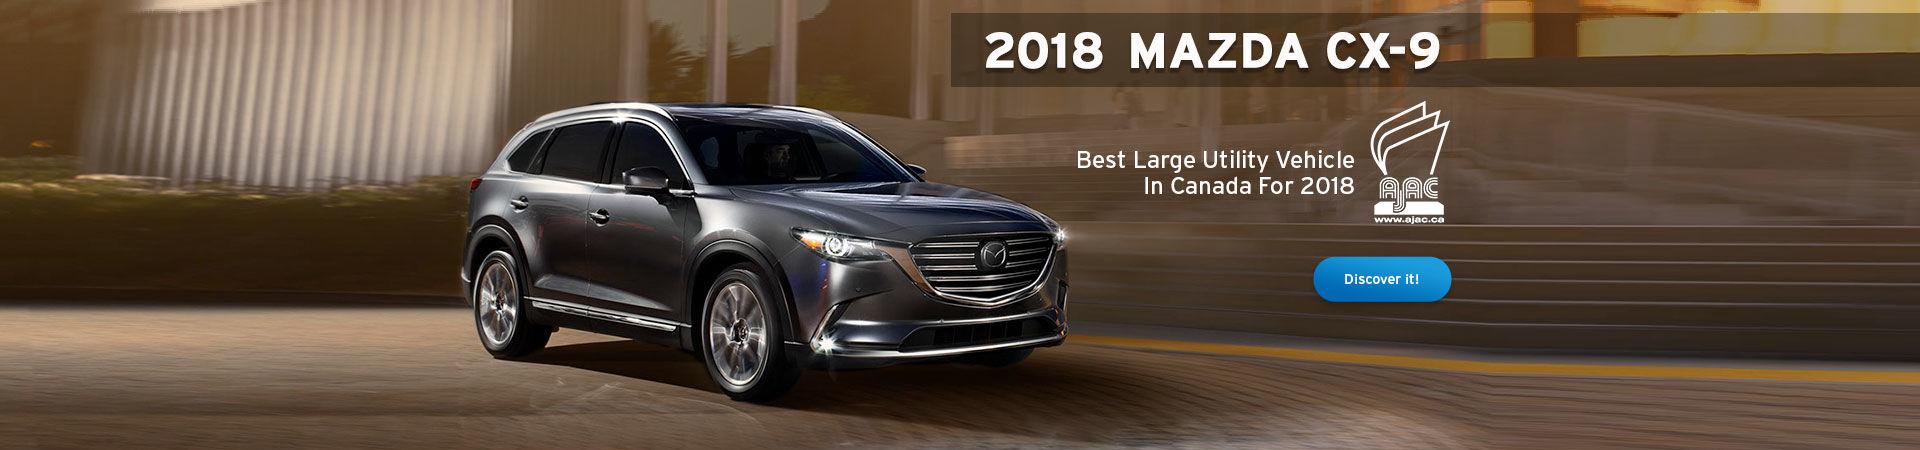 2018 Mazda CX-9 AJAC